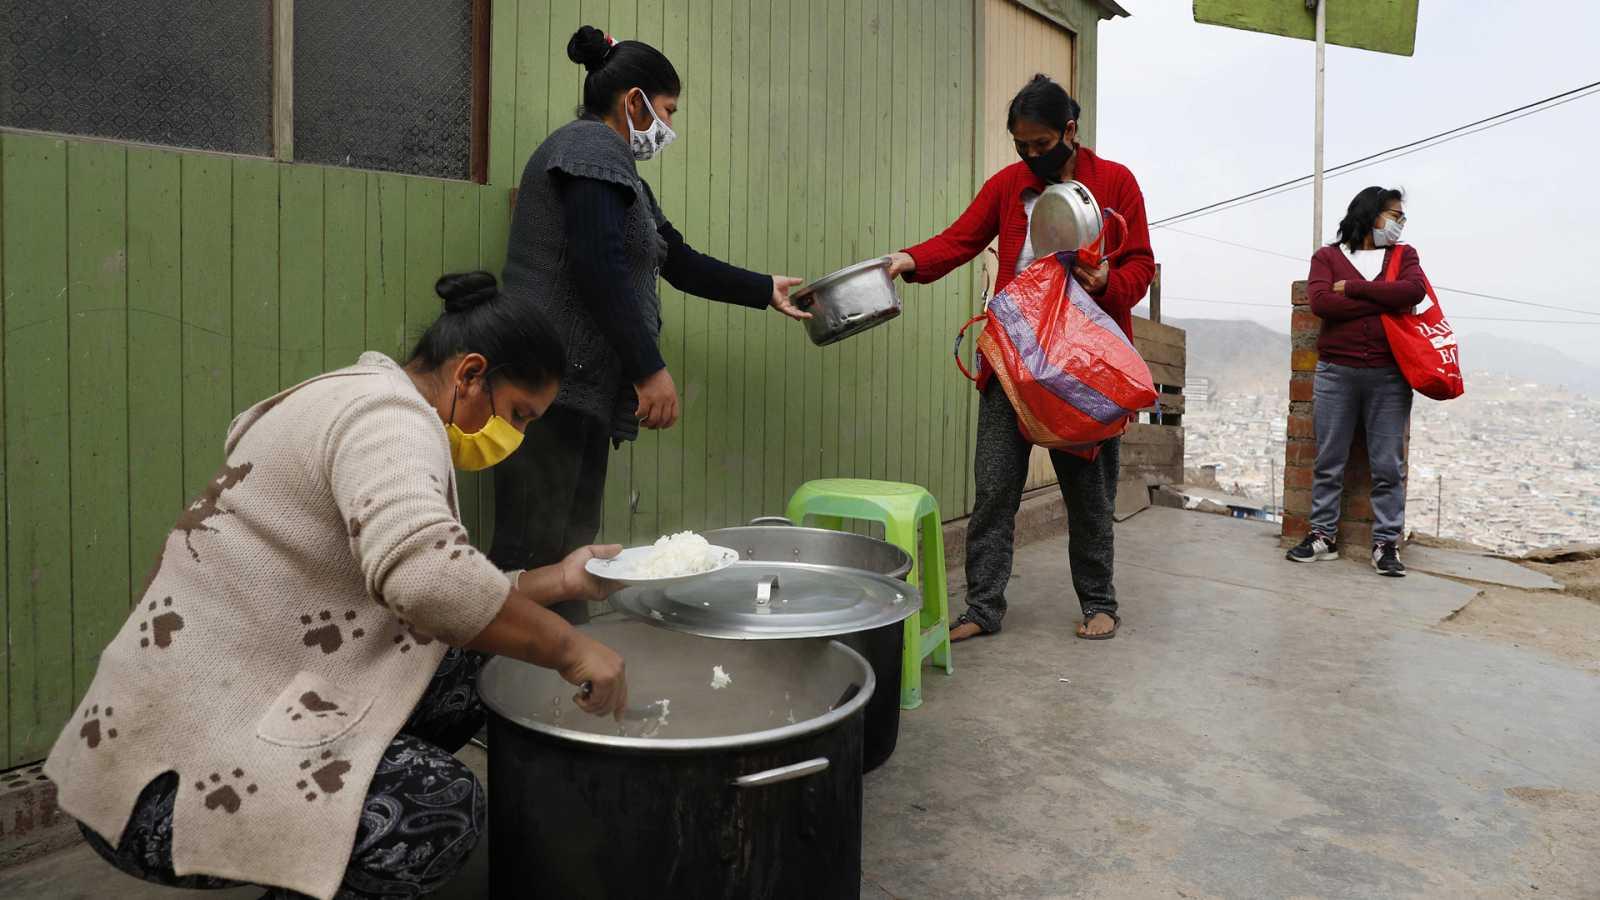 Hora América - Vuelven las ollas comunes a Perú por la pandemia - 26/04/21 - escuchar ahora